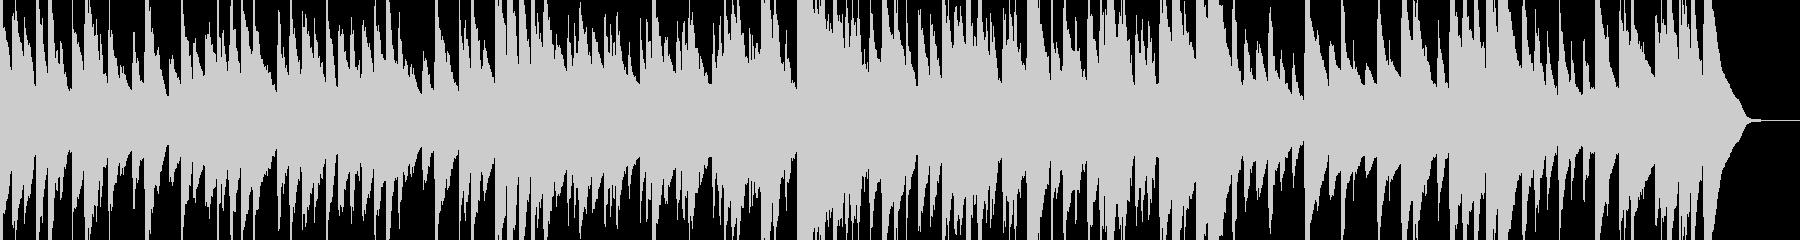 眠れるゆったりとしたオルゴールの未再生の波形